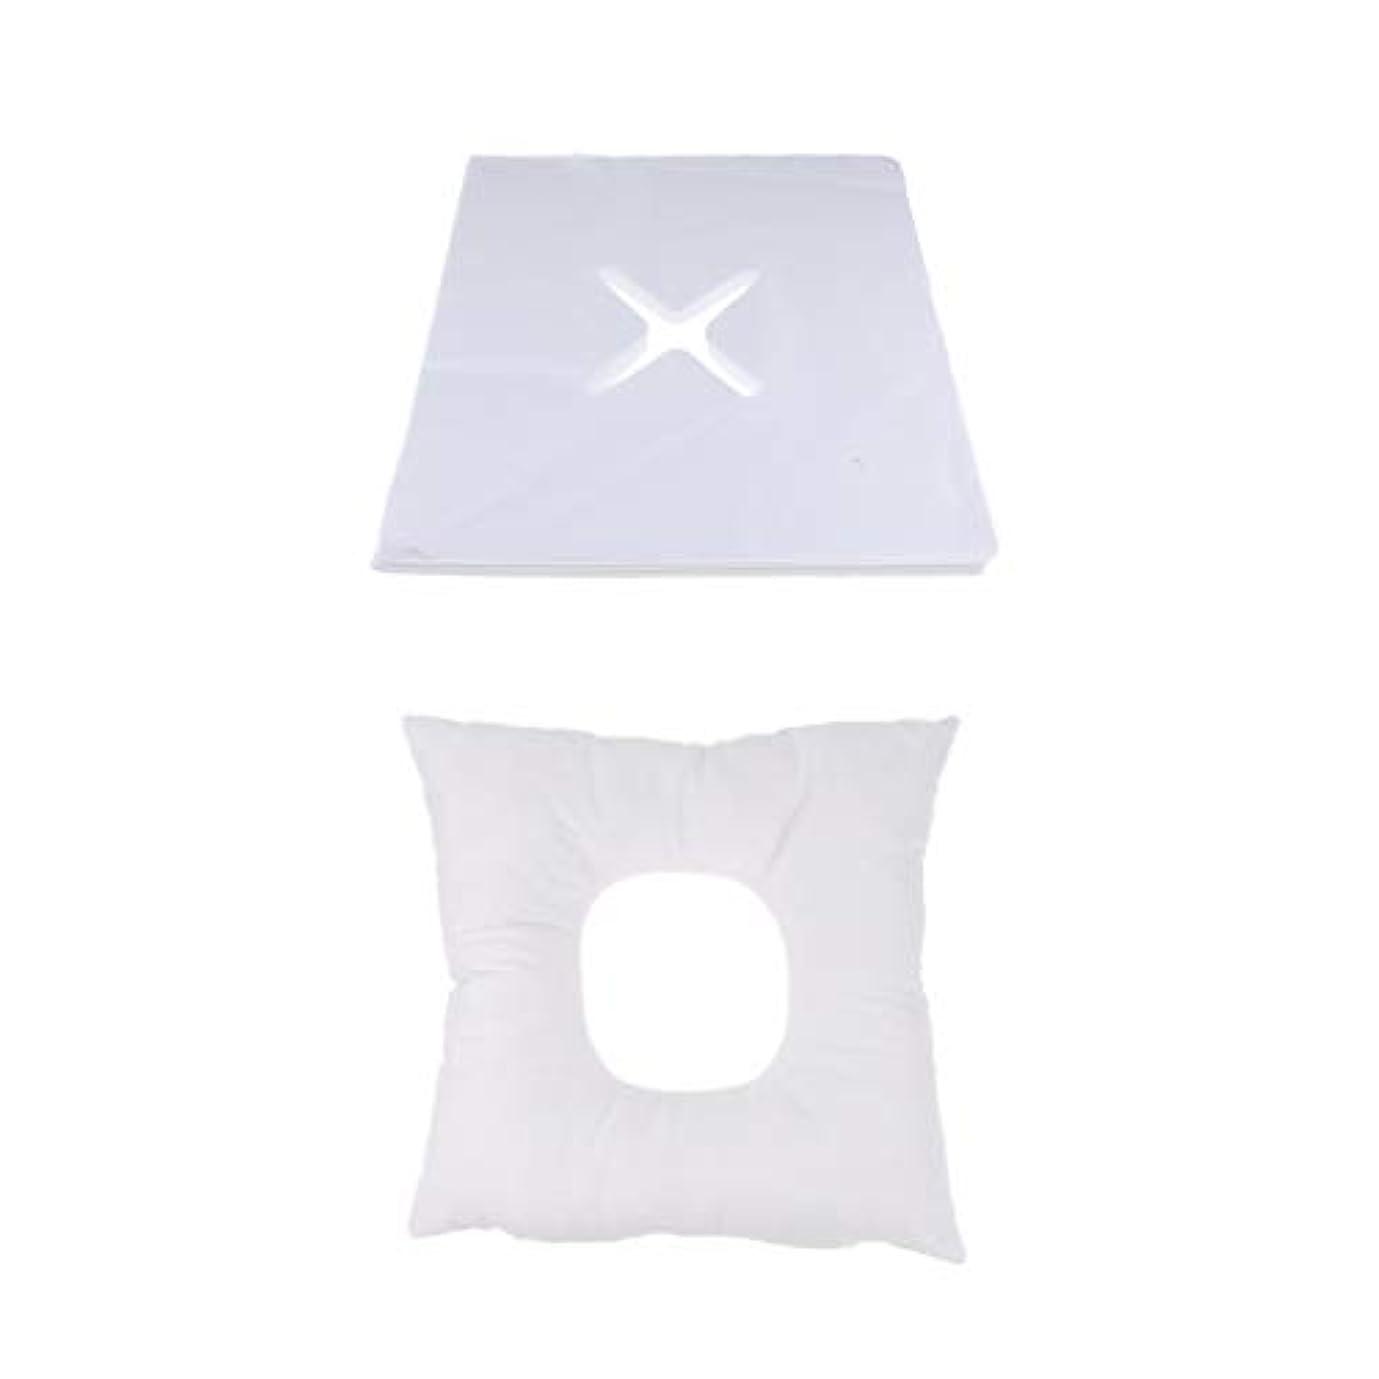 スカープ引き渡す誤解マッサージ枕 顔枕 フェイスマット 200個使い捨てカバー付き 柔らかく快適